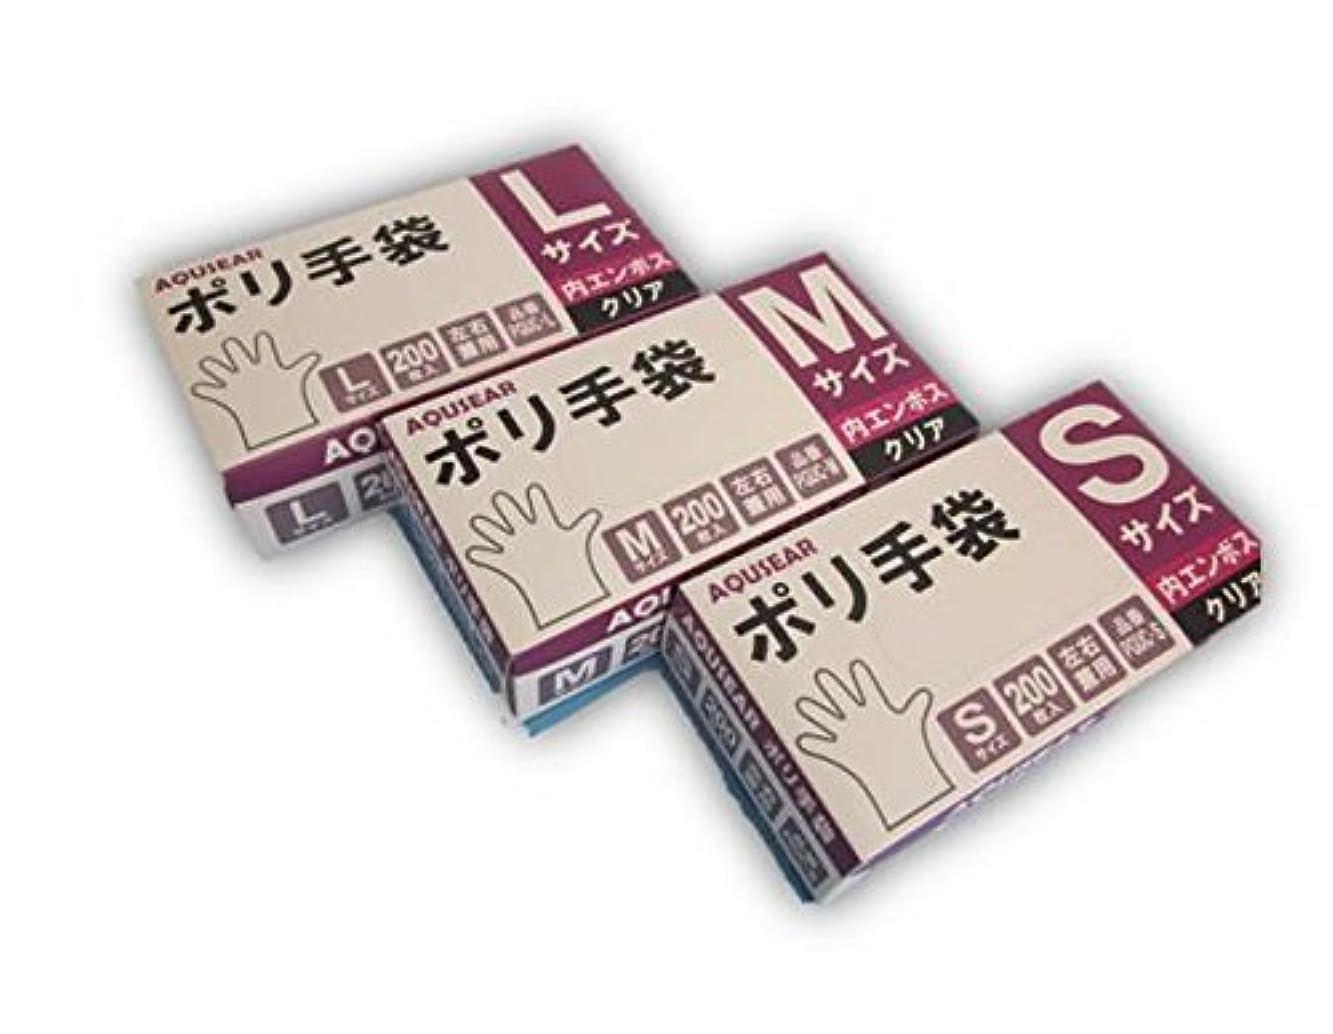 ブラウザハイキング大きさAQUSEAR ポリ手袋 内エンボス M クリア PGUC-M 1ケース4,000枚(200枚×20箱)